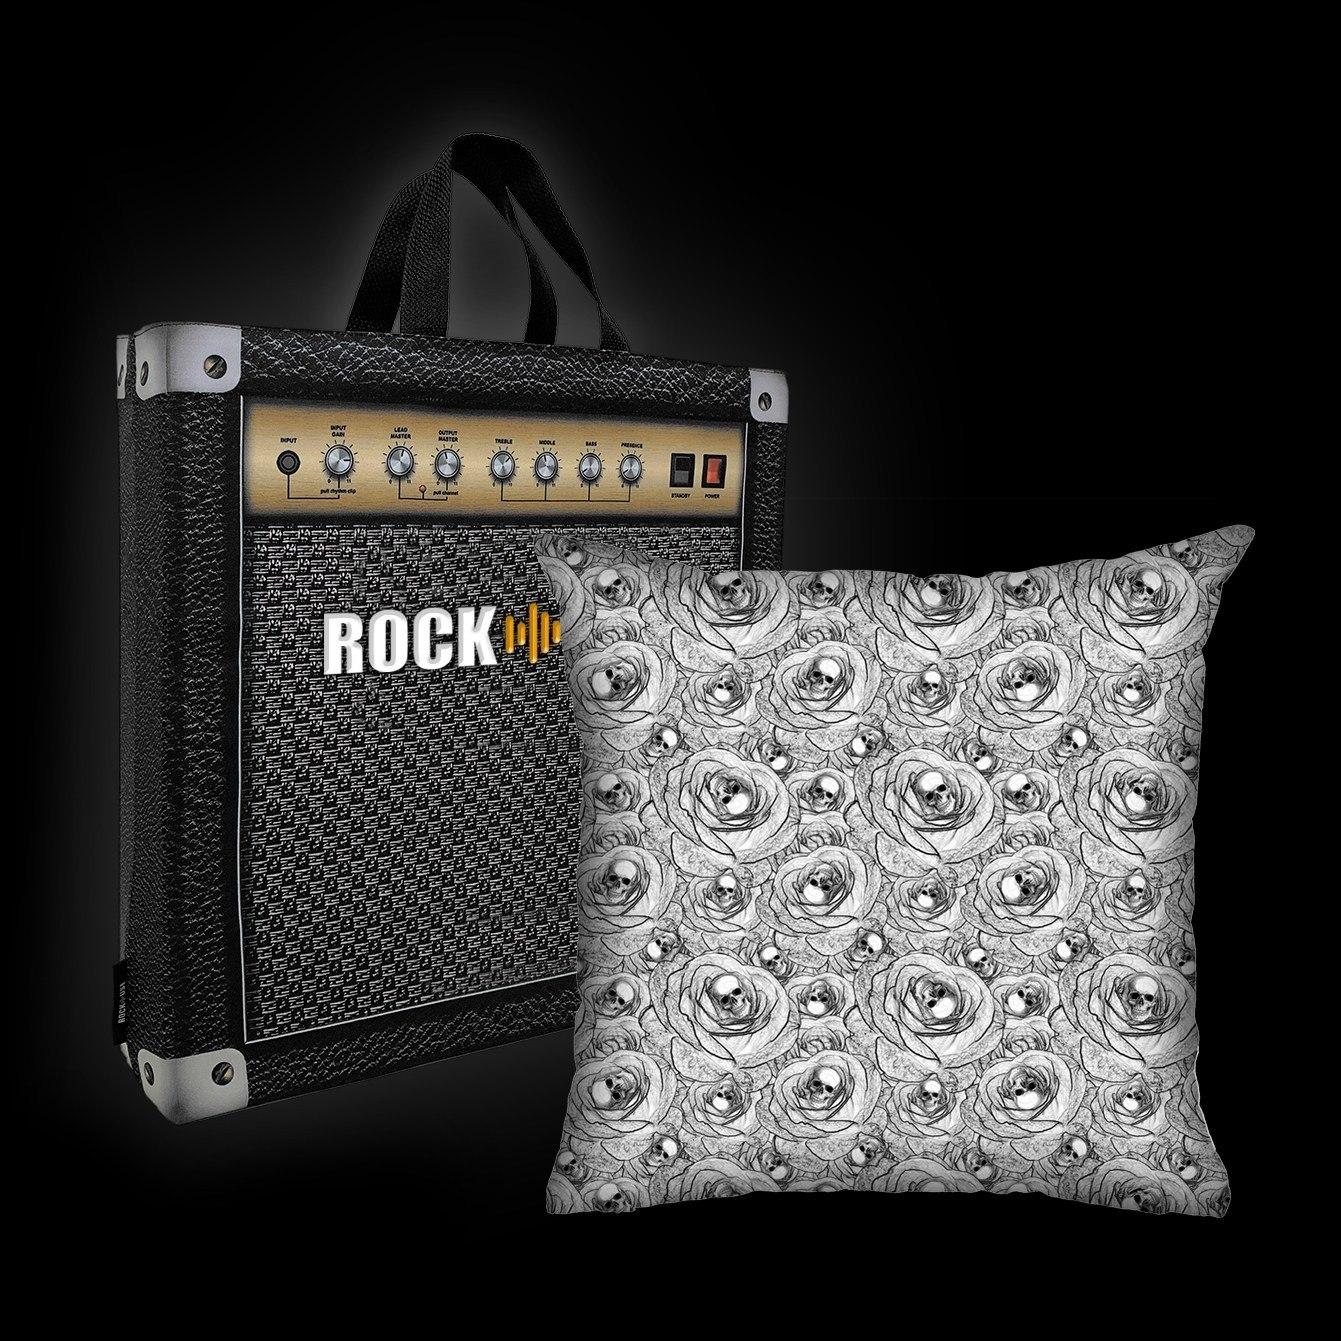 Kit Almofada & Sacola Rock Use - Skull & Roses - Branca